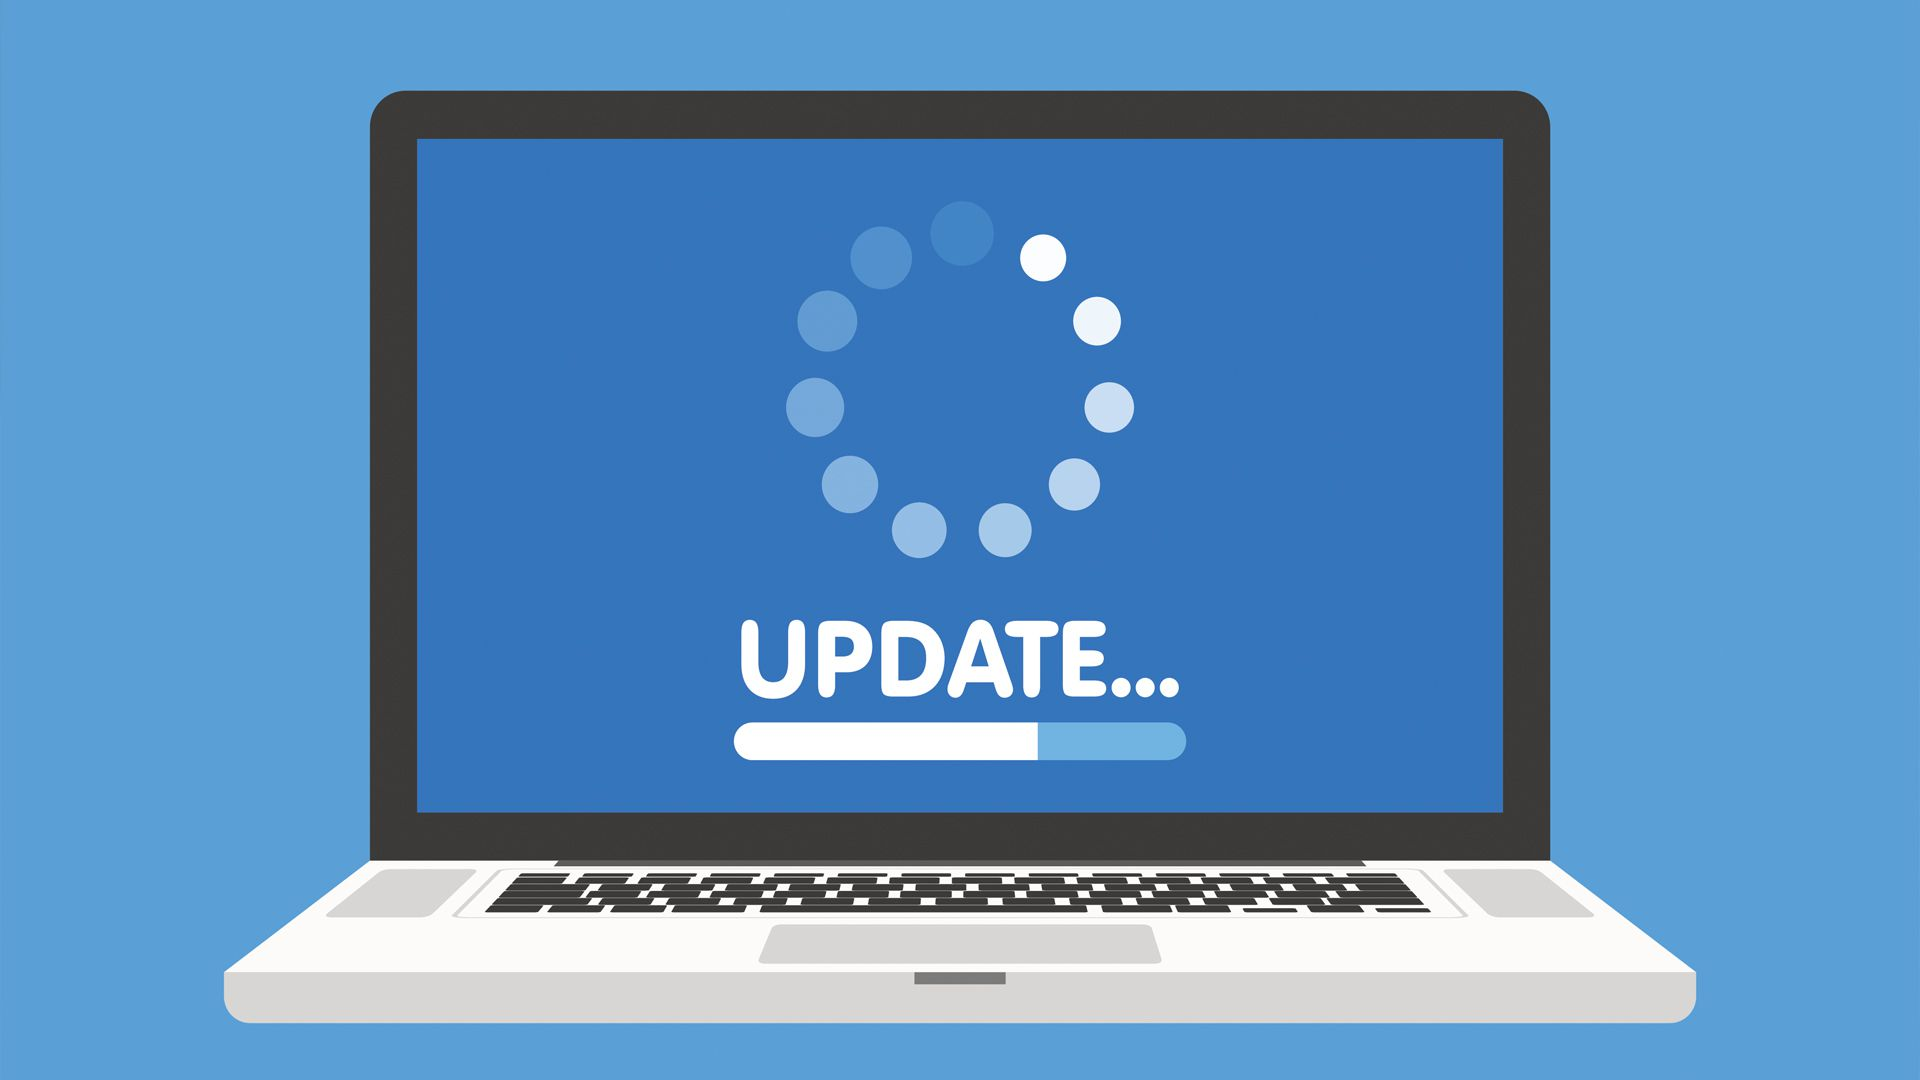 A Windows laptop installing an update.